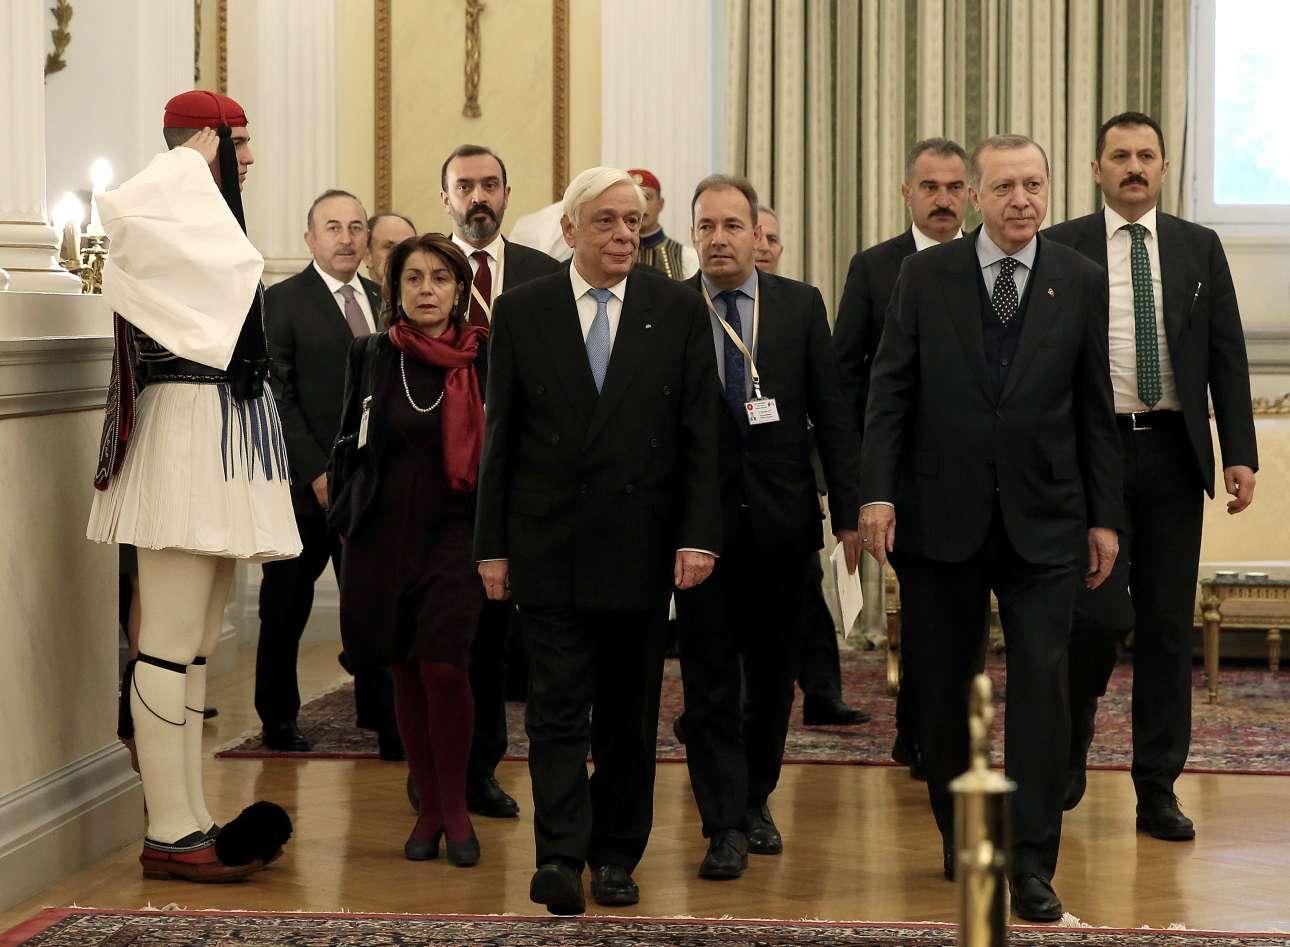 Ο Προκόπης Παυλόπουλος συνοδεύει τον Ερντογάν στο Προεδρικό